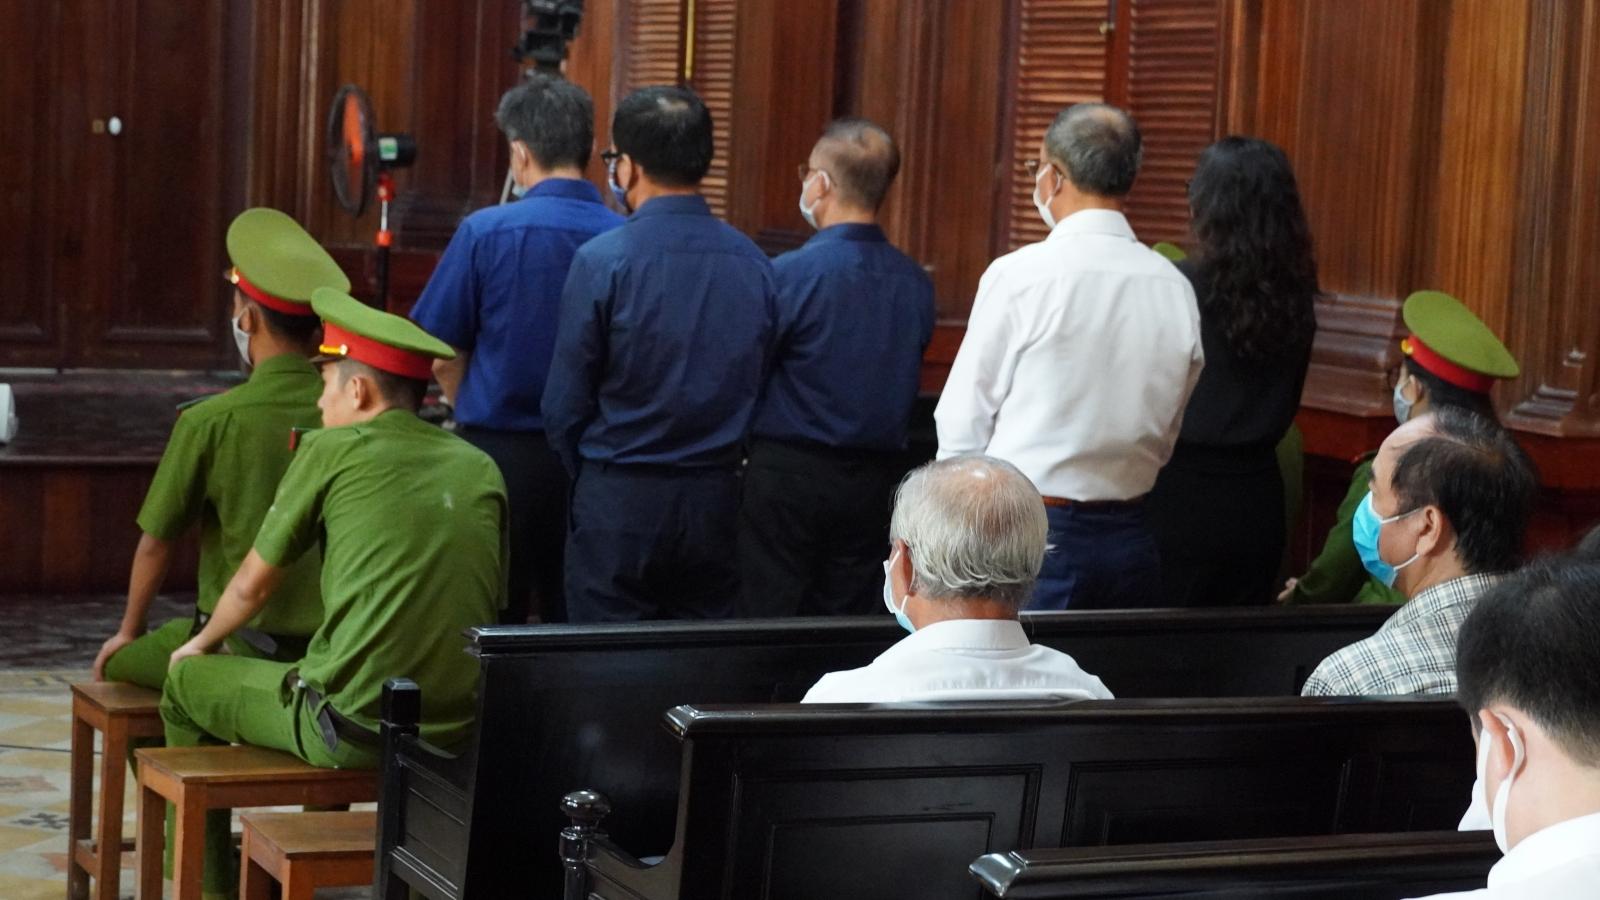 Phiên tòa xét xử ông Nguyễn Thành Tài: HĐXX lưu ý khi sử dụng tài liệu mật